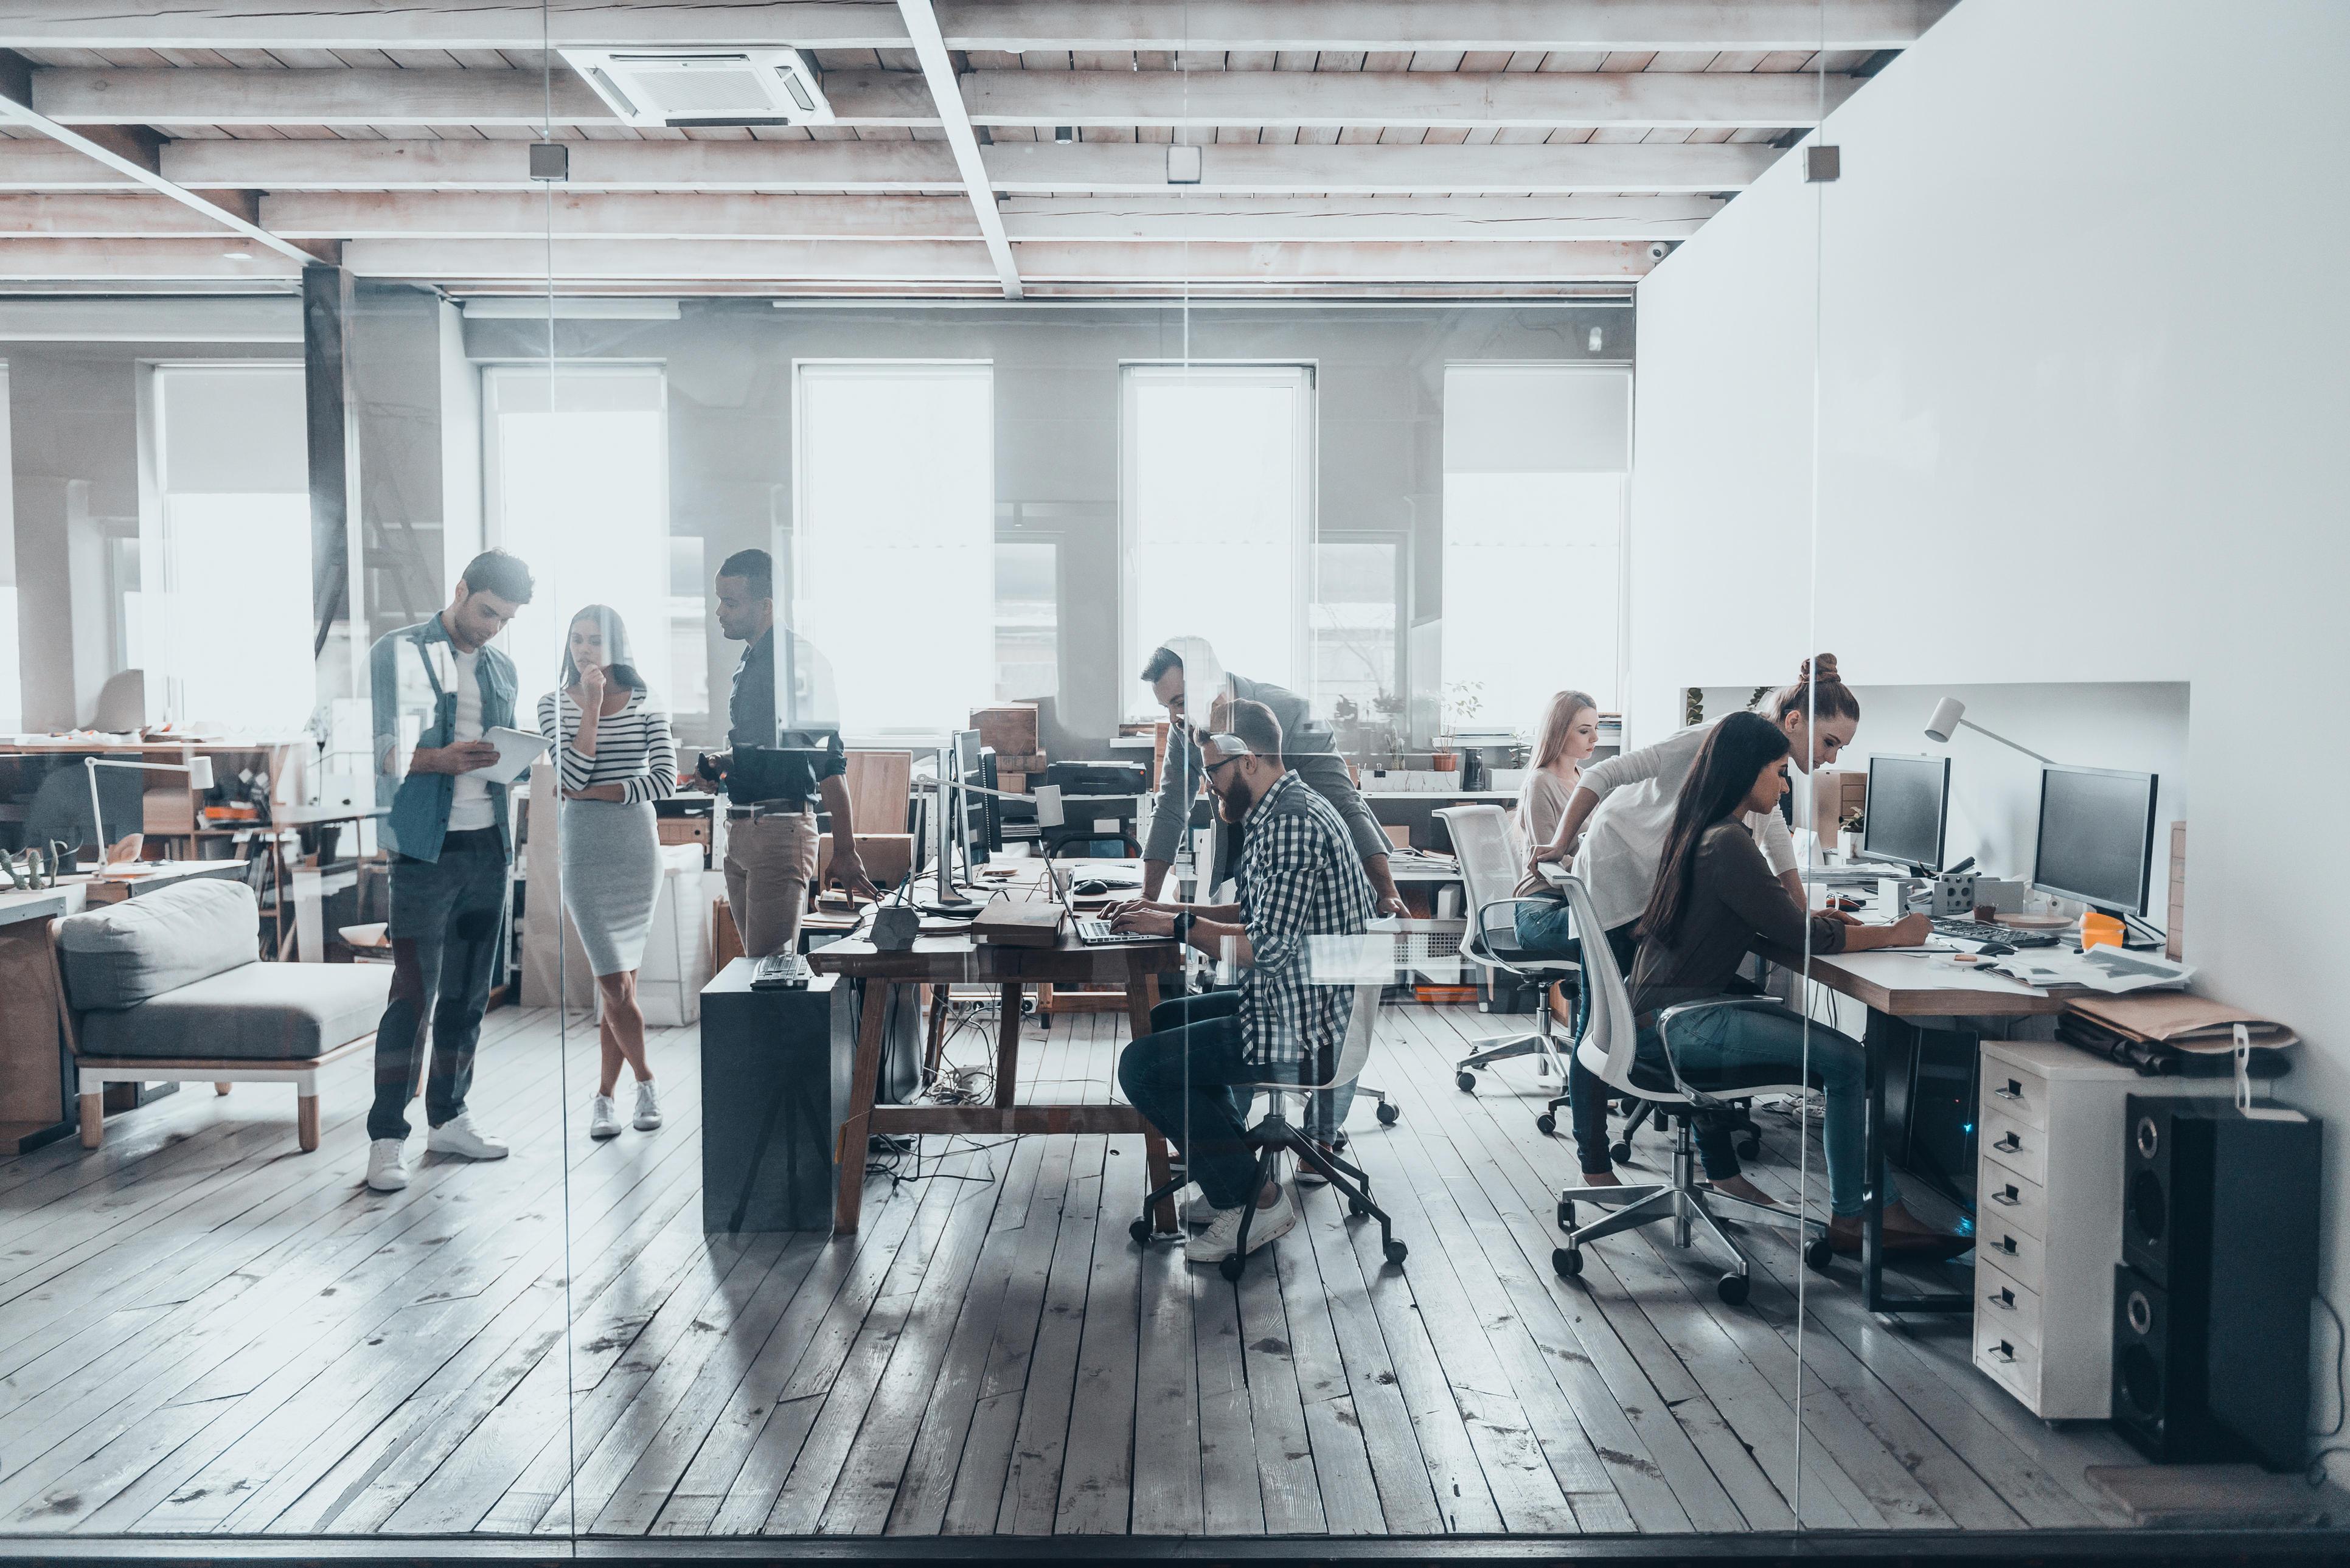 Vier tips voor het creëren van de ideale werkplek